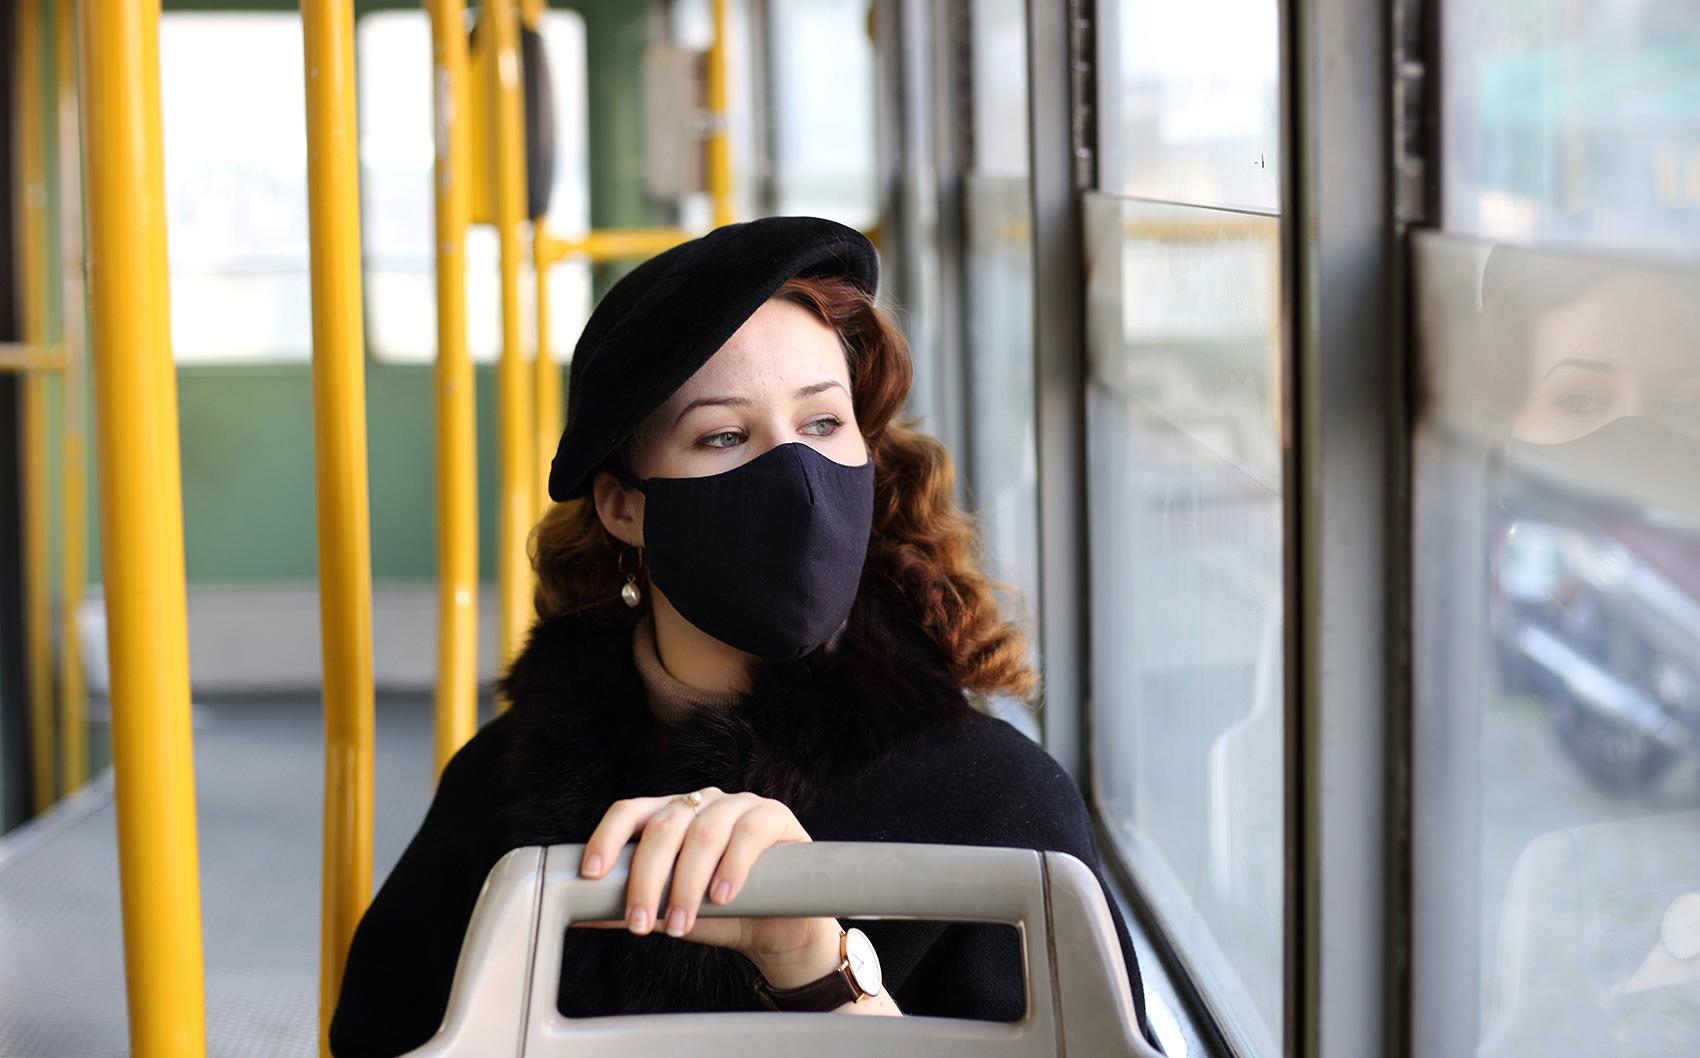 MISURE GIUSTE Sonia Costa _ The black mask